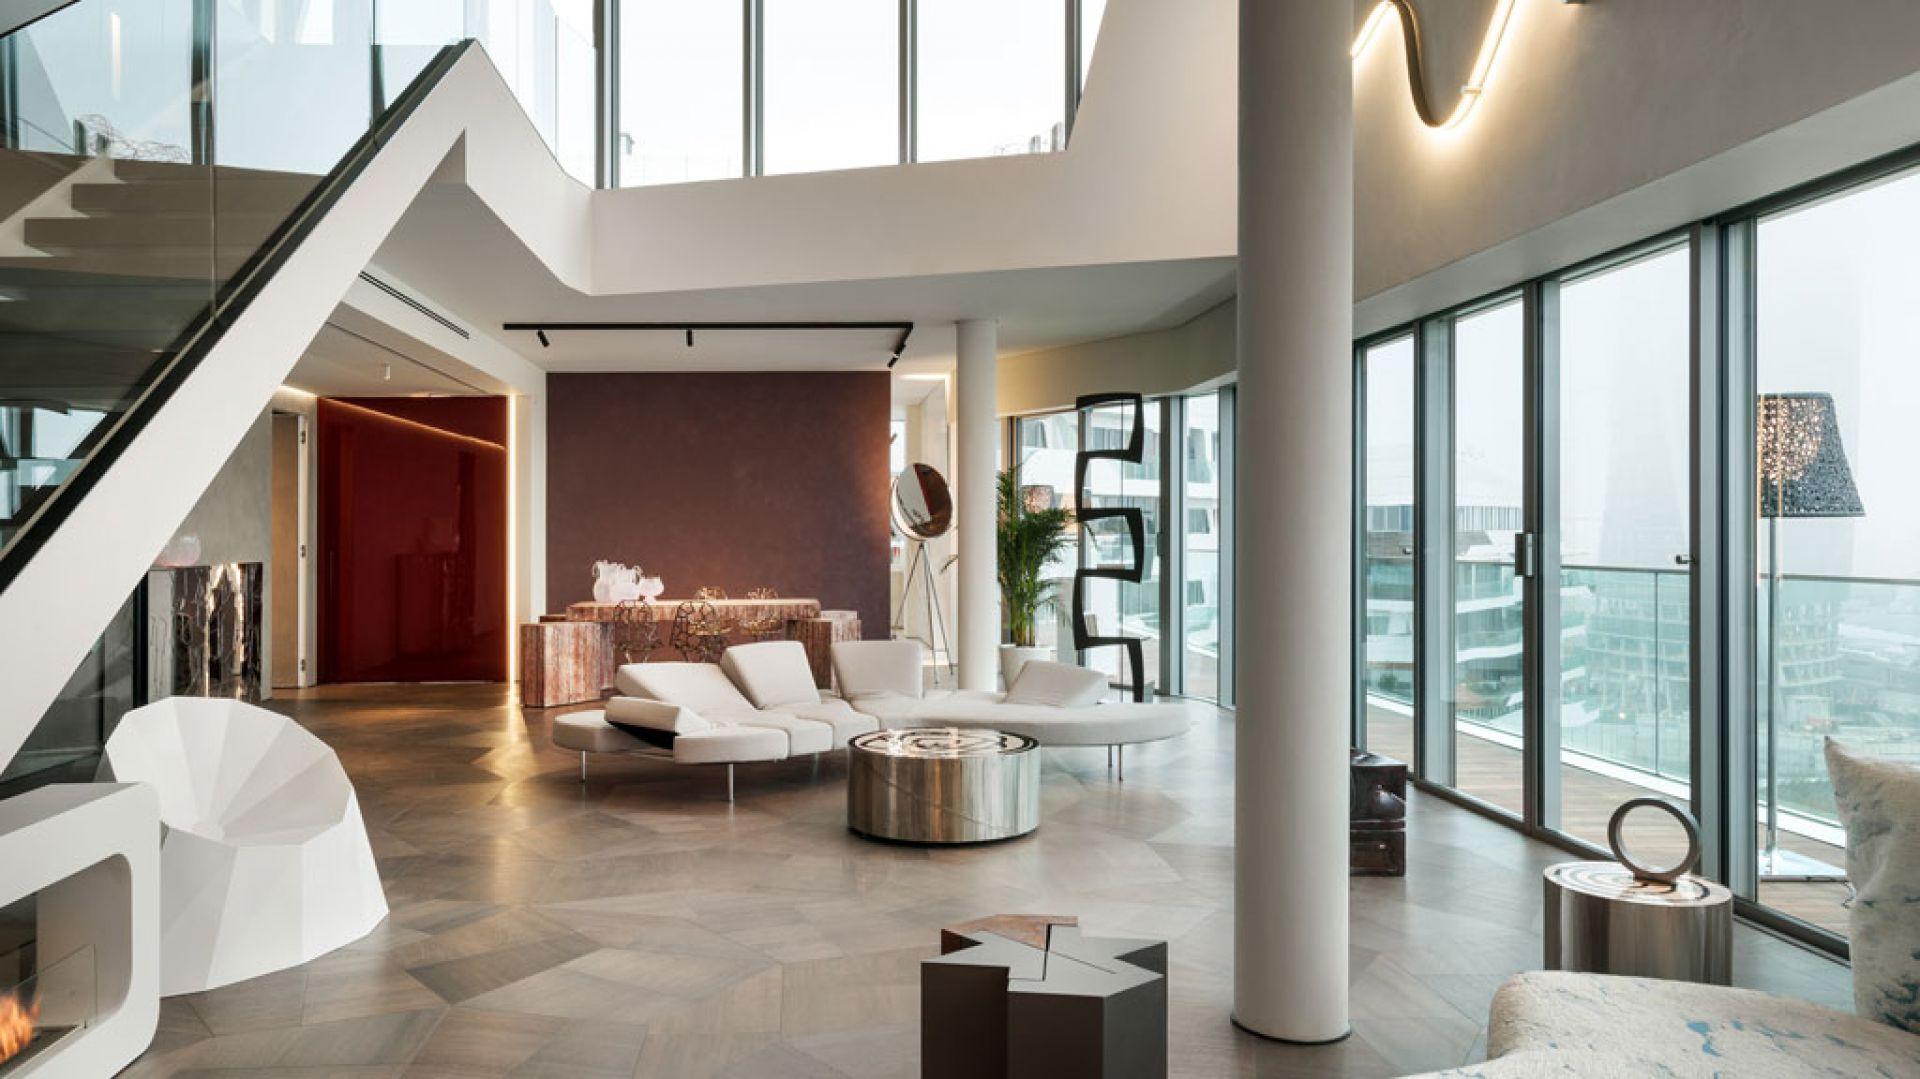 Wnętrza penthouse'u One-11, zaprojektowane przez Zaha Hadid Architects, są przykładem stonowanego luksusu, który opiera się na materiałach najlepszej jakości, wyważonym designie i jasno określonych proporcjach. Fot. Zaha Hadid Architects